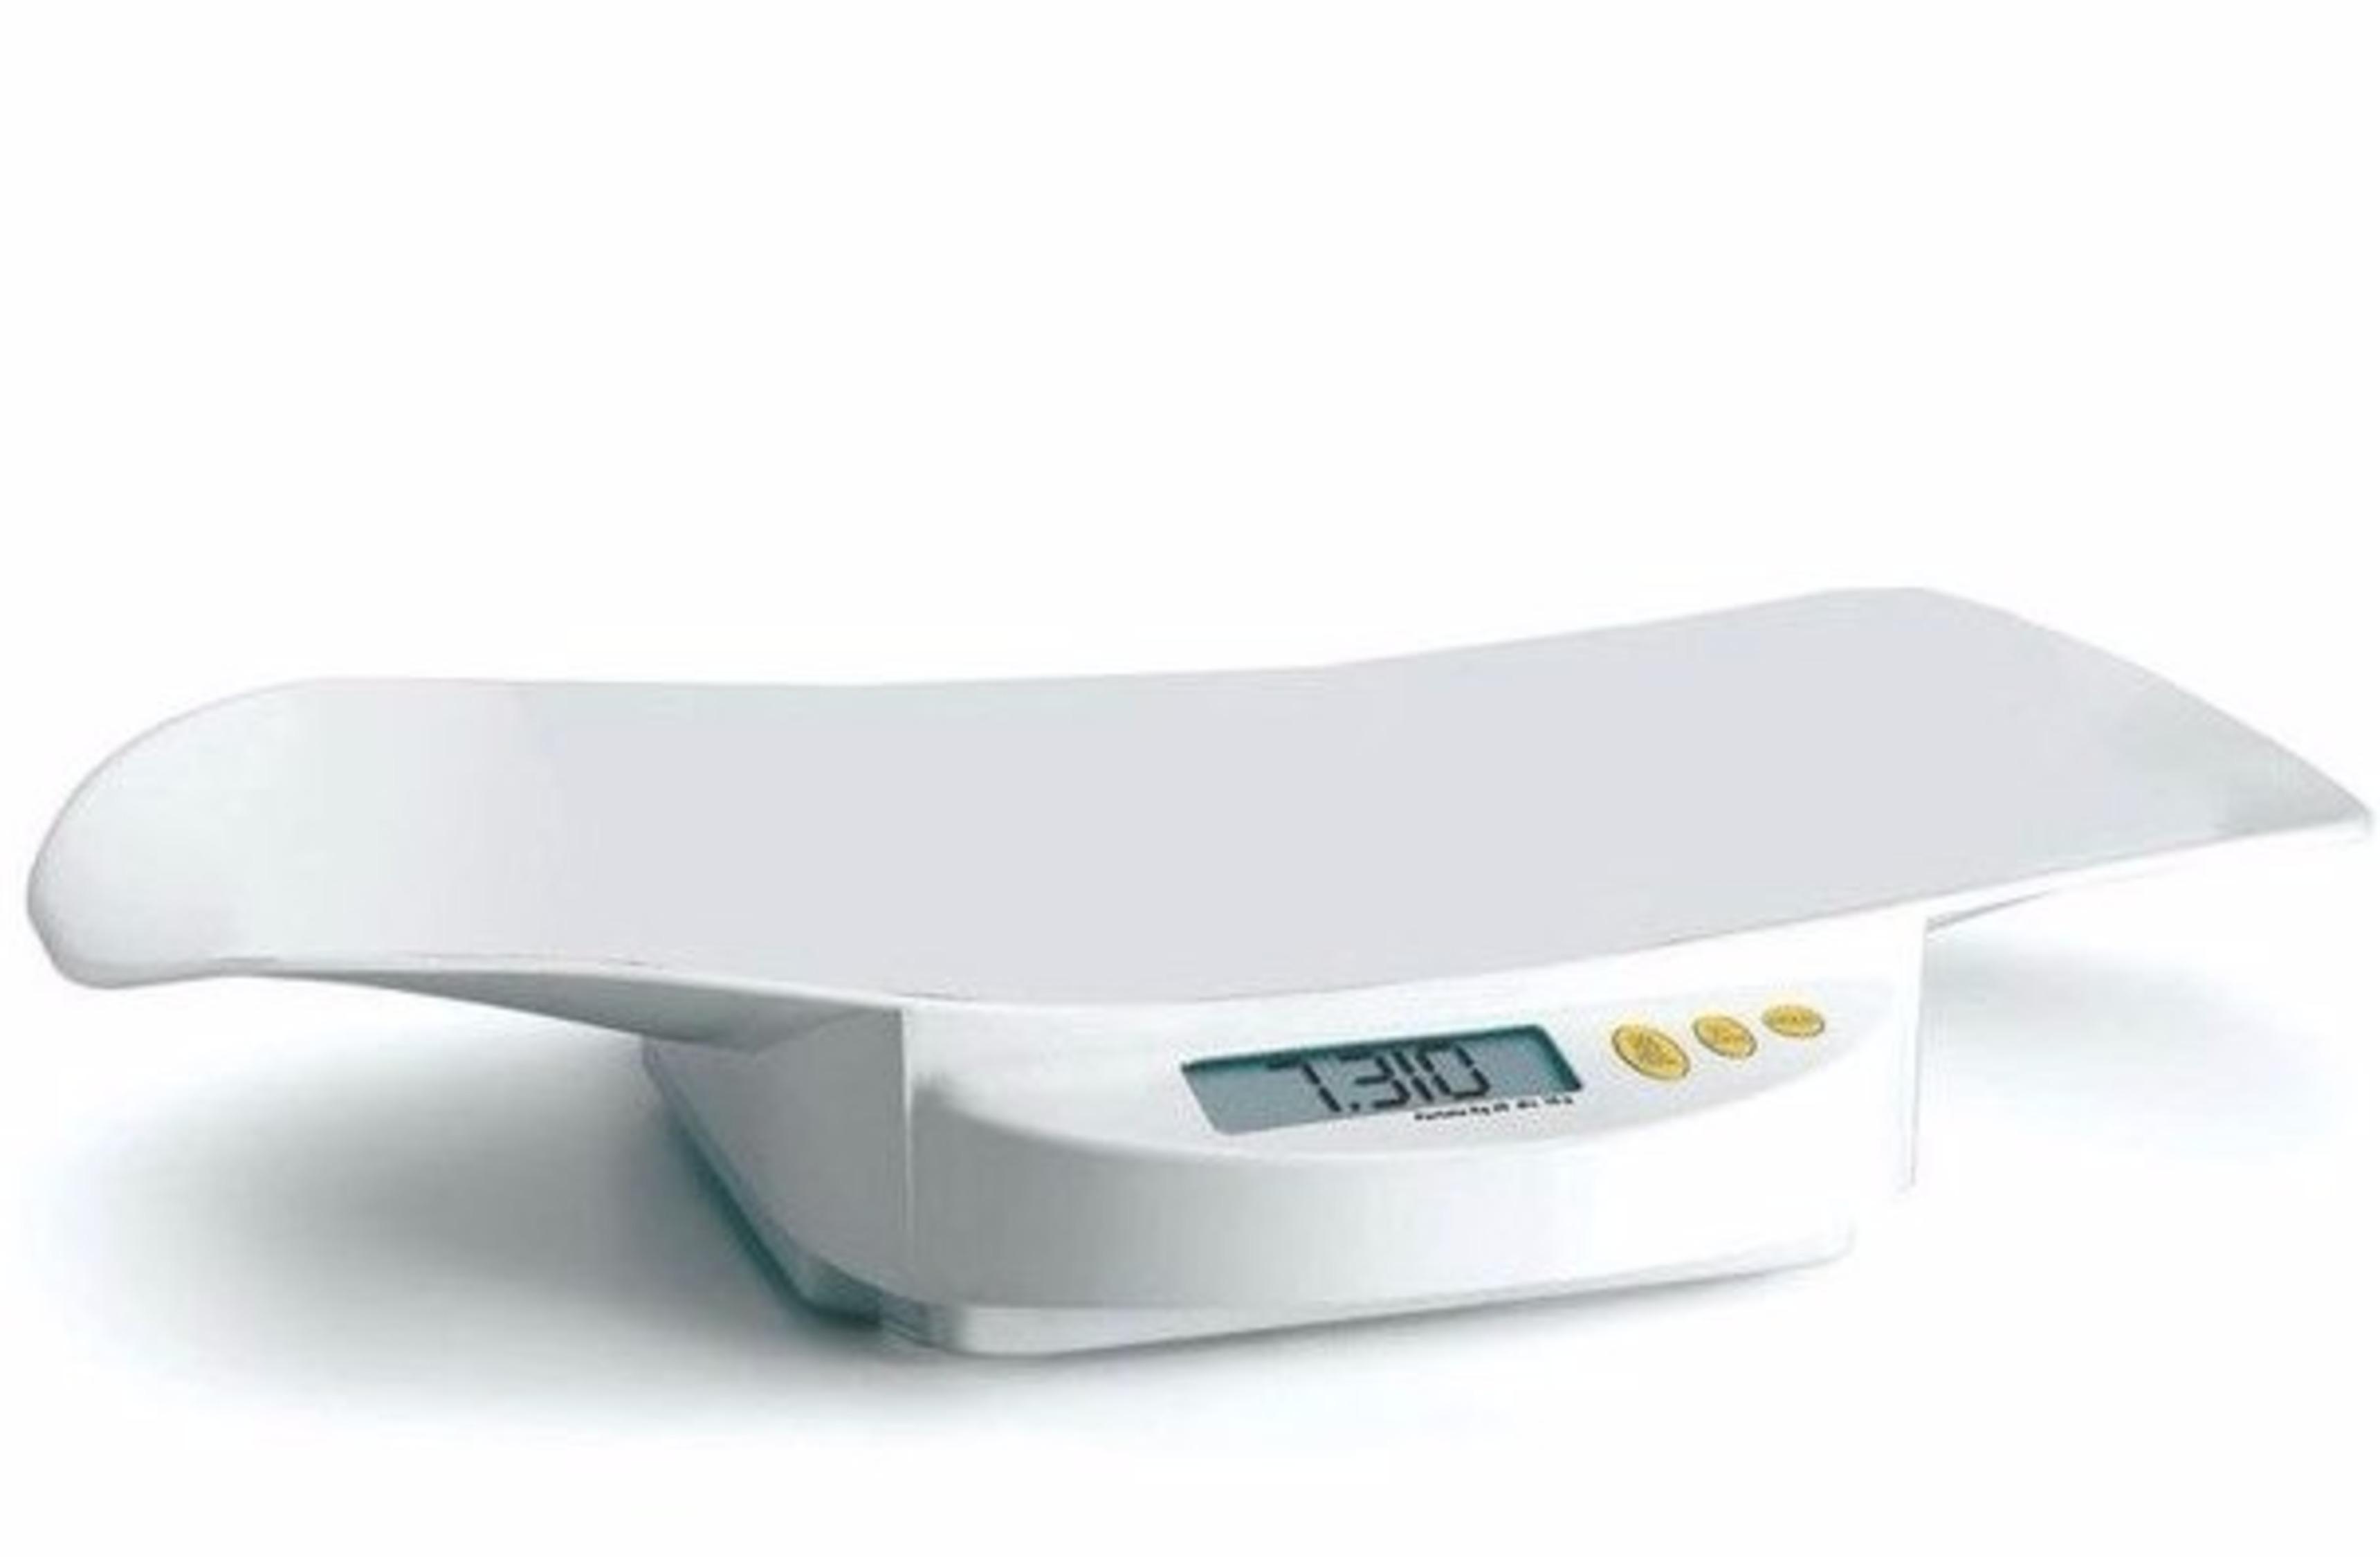 Весы Laica для взвешивания новорожденных MD6141Весы<br>Весы Laica для взвешивания новорожденных MD6141<br>